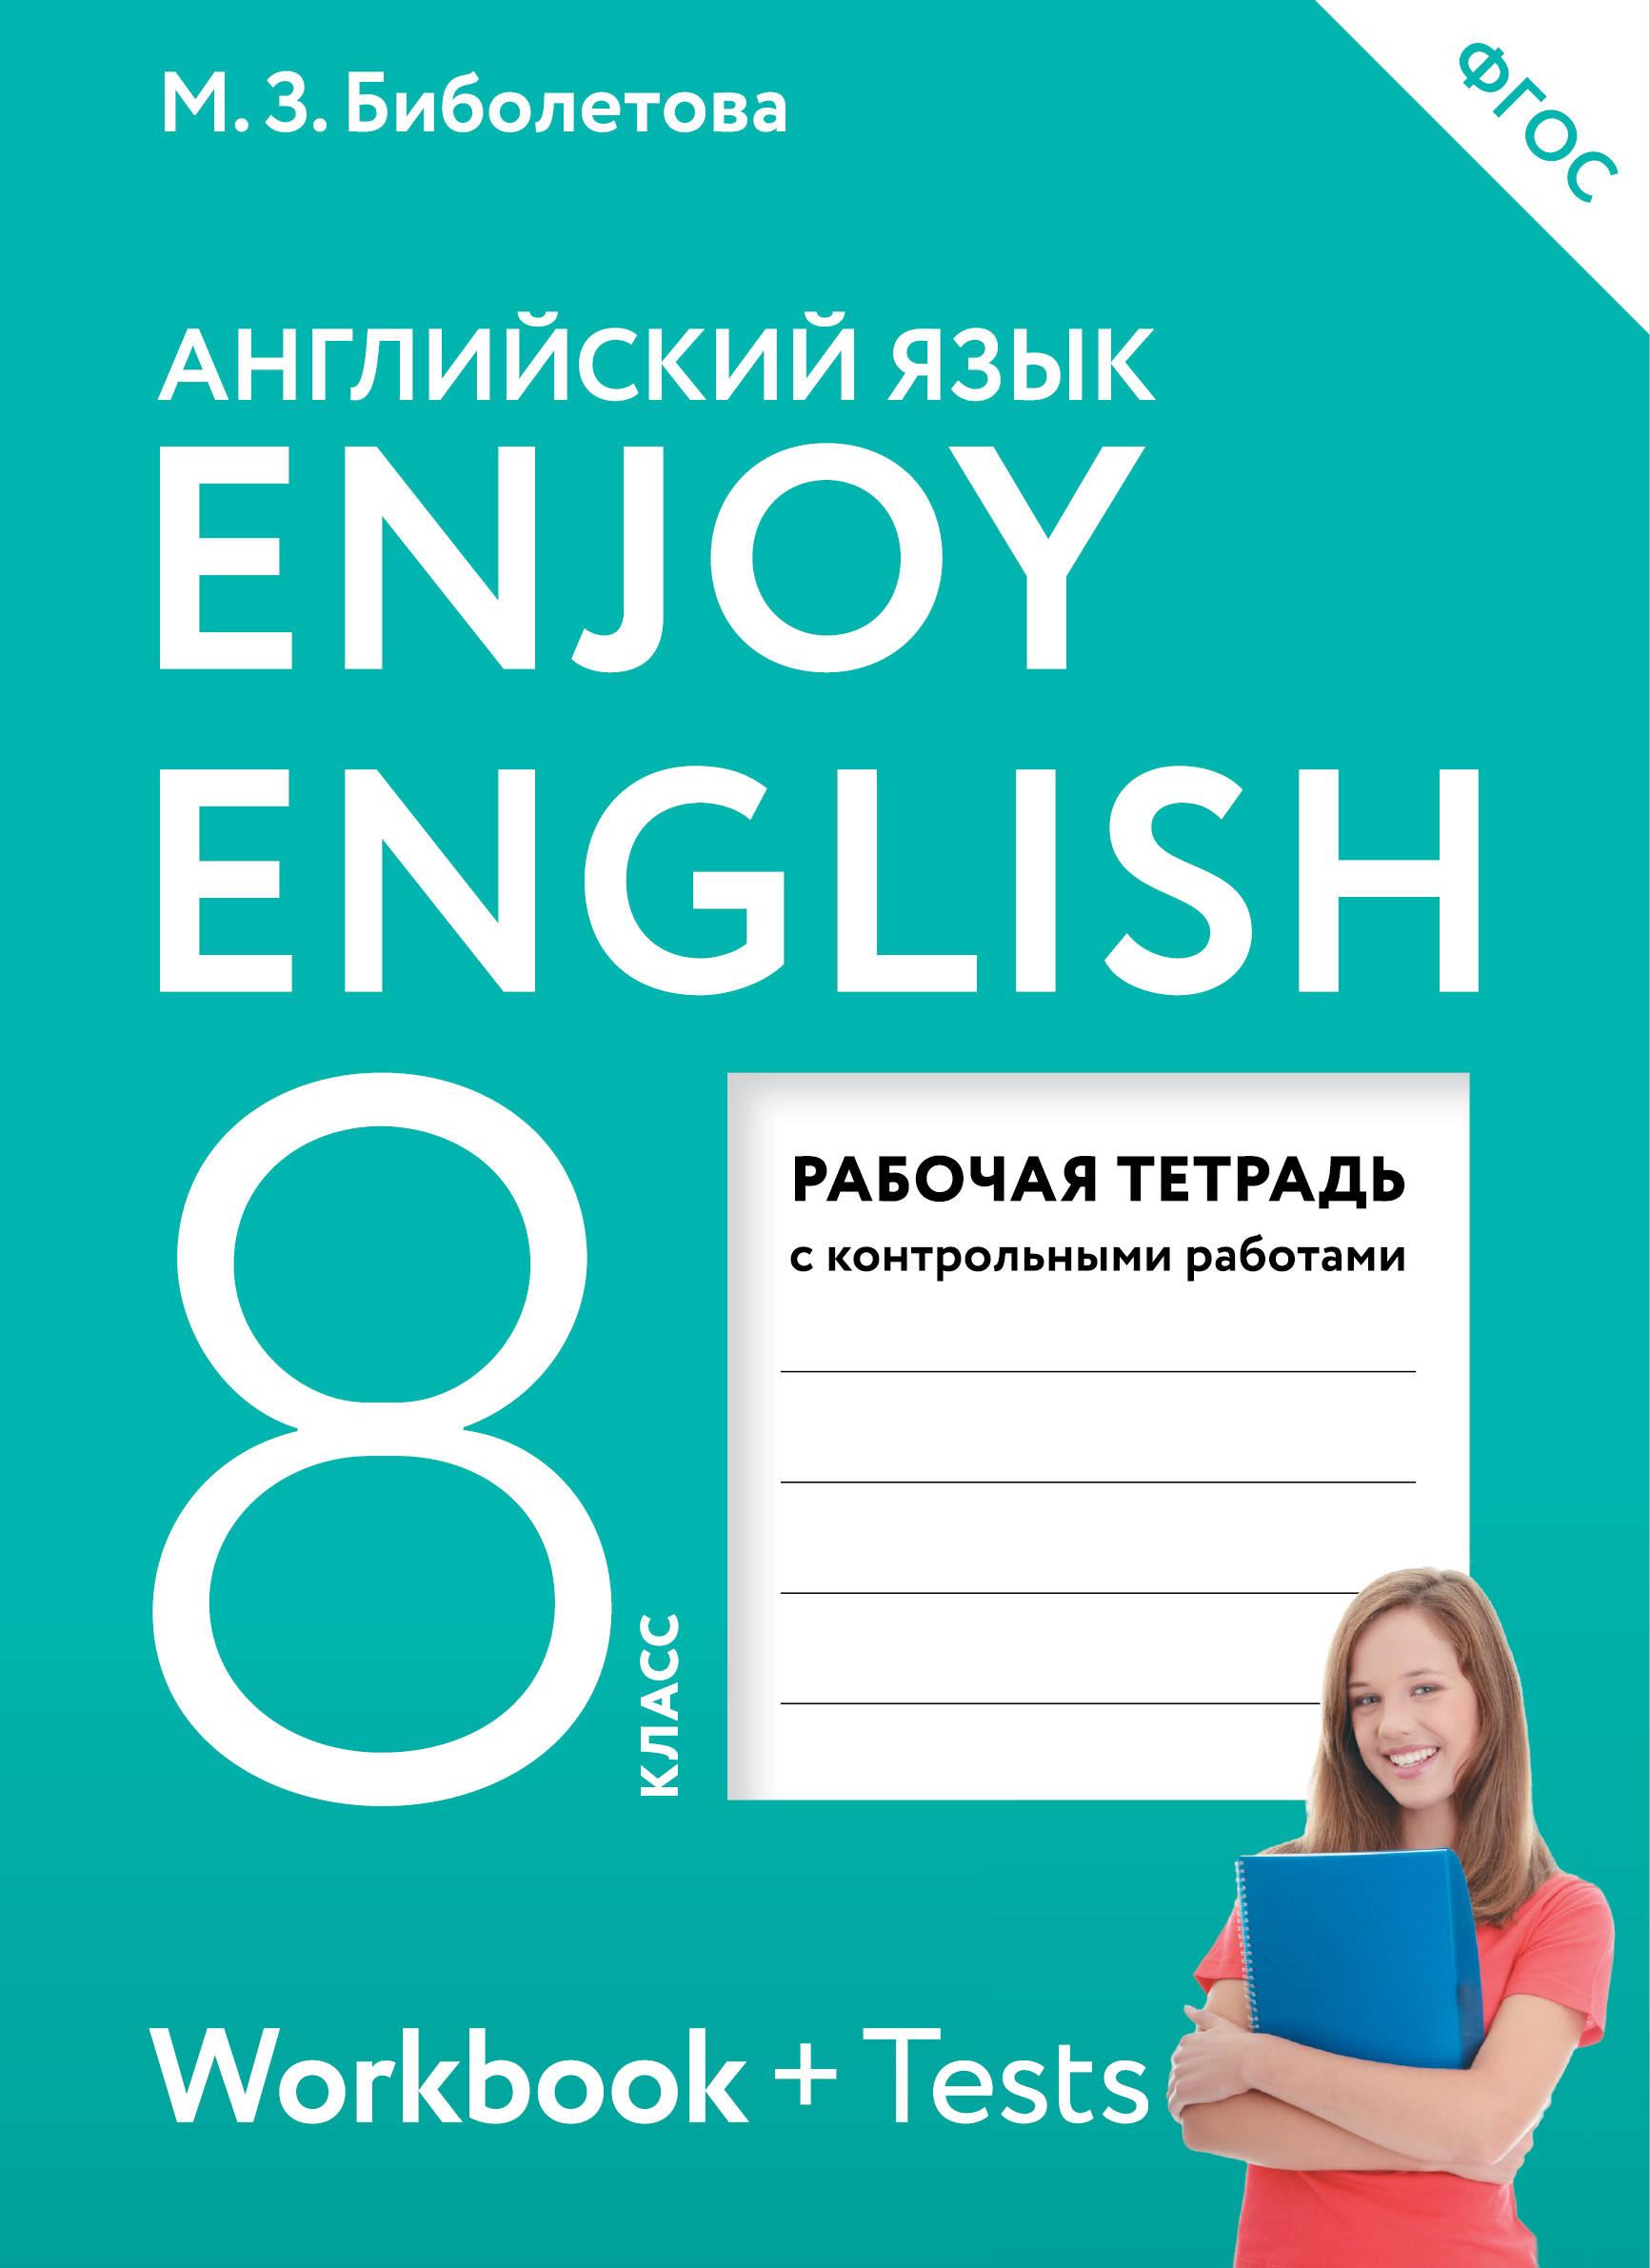 М. З. Биболетова Enjoy English / Английский с удовольствием. 8 класс. Рабочая тетрадь знаток книга english говорящий букварь рабочая тетрадь